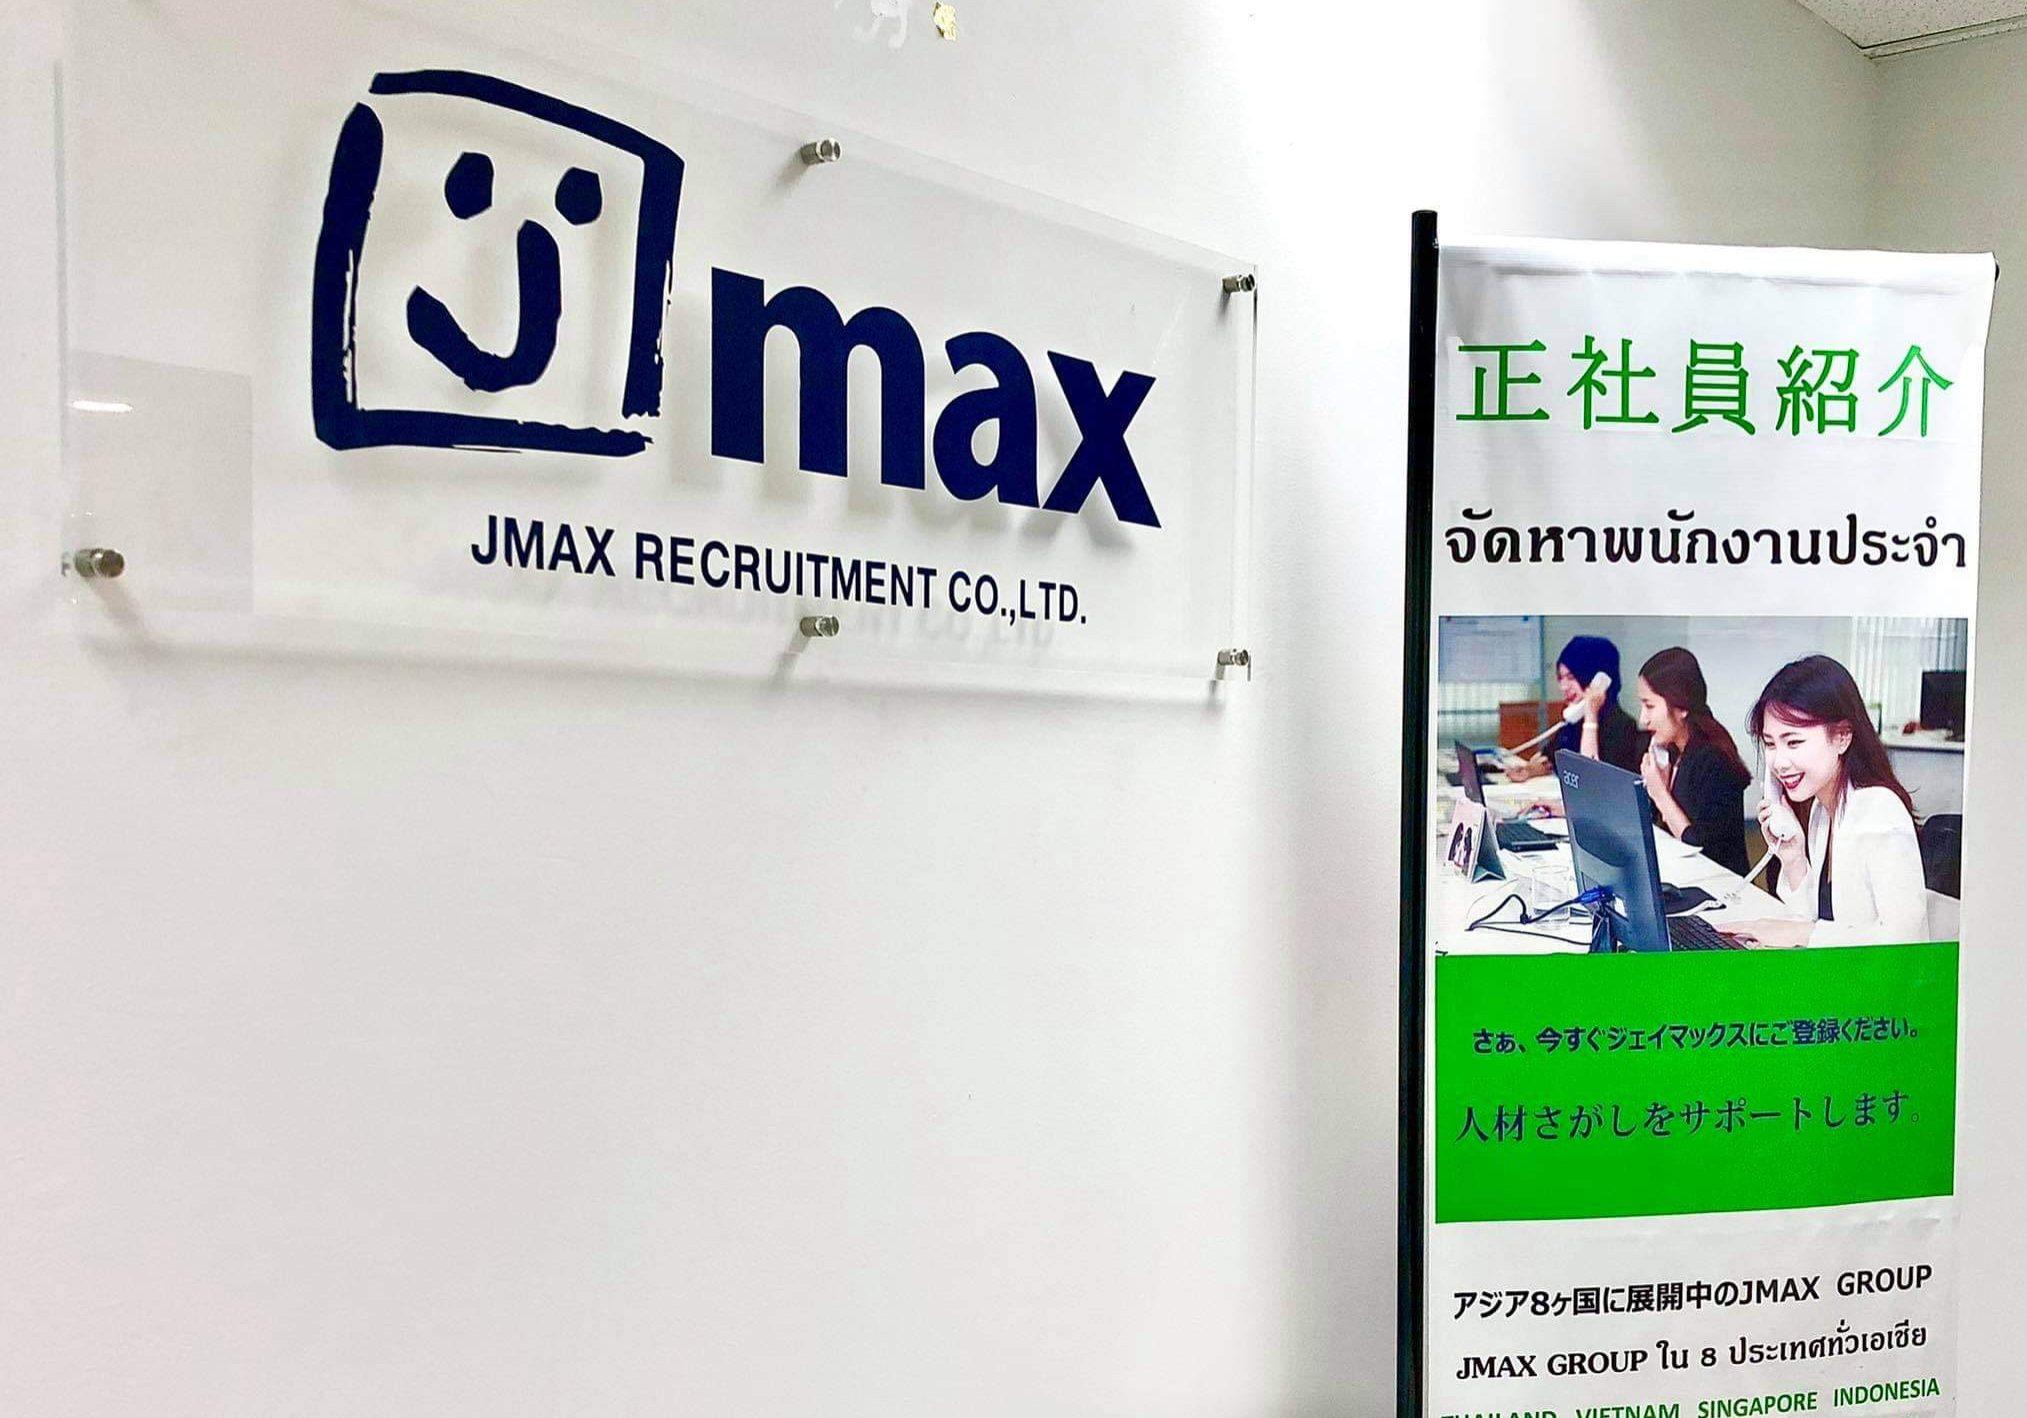 J Max